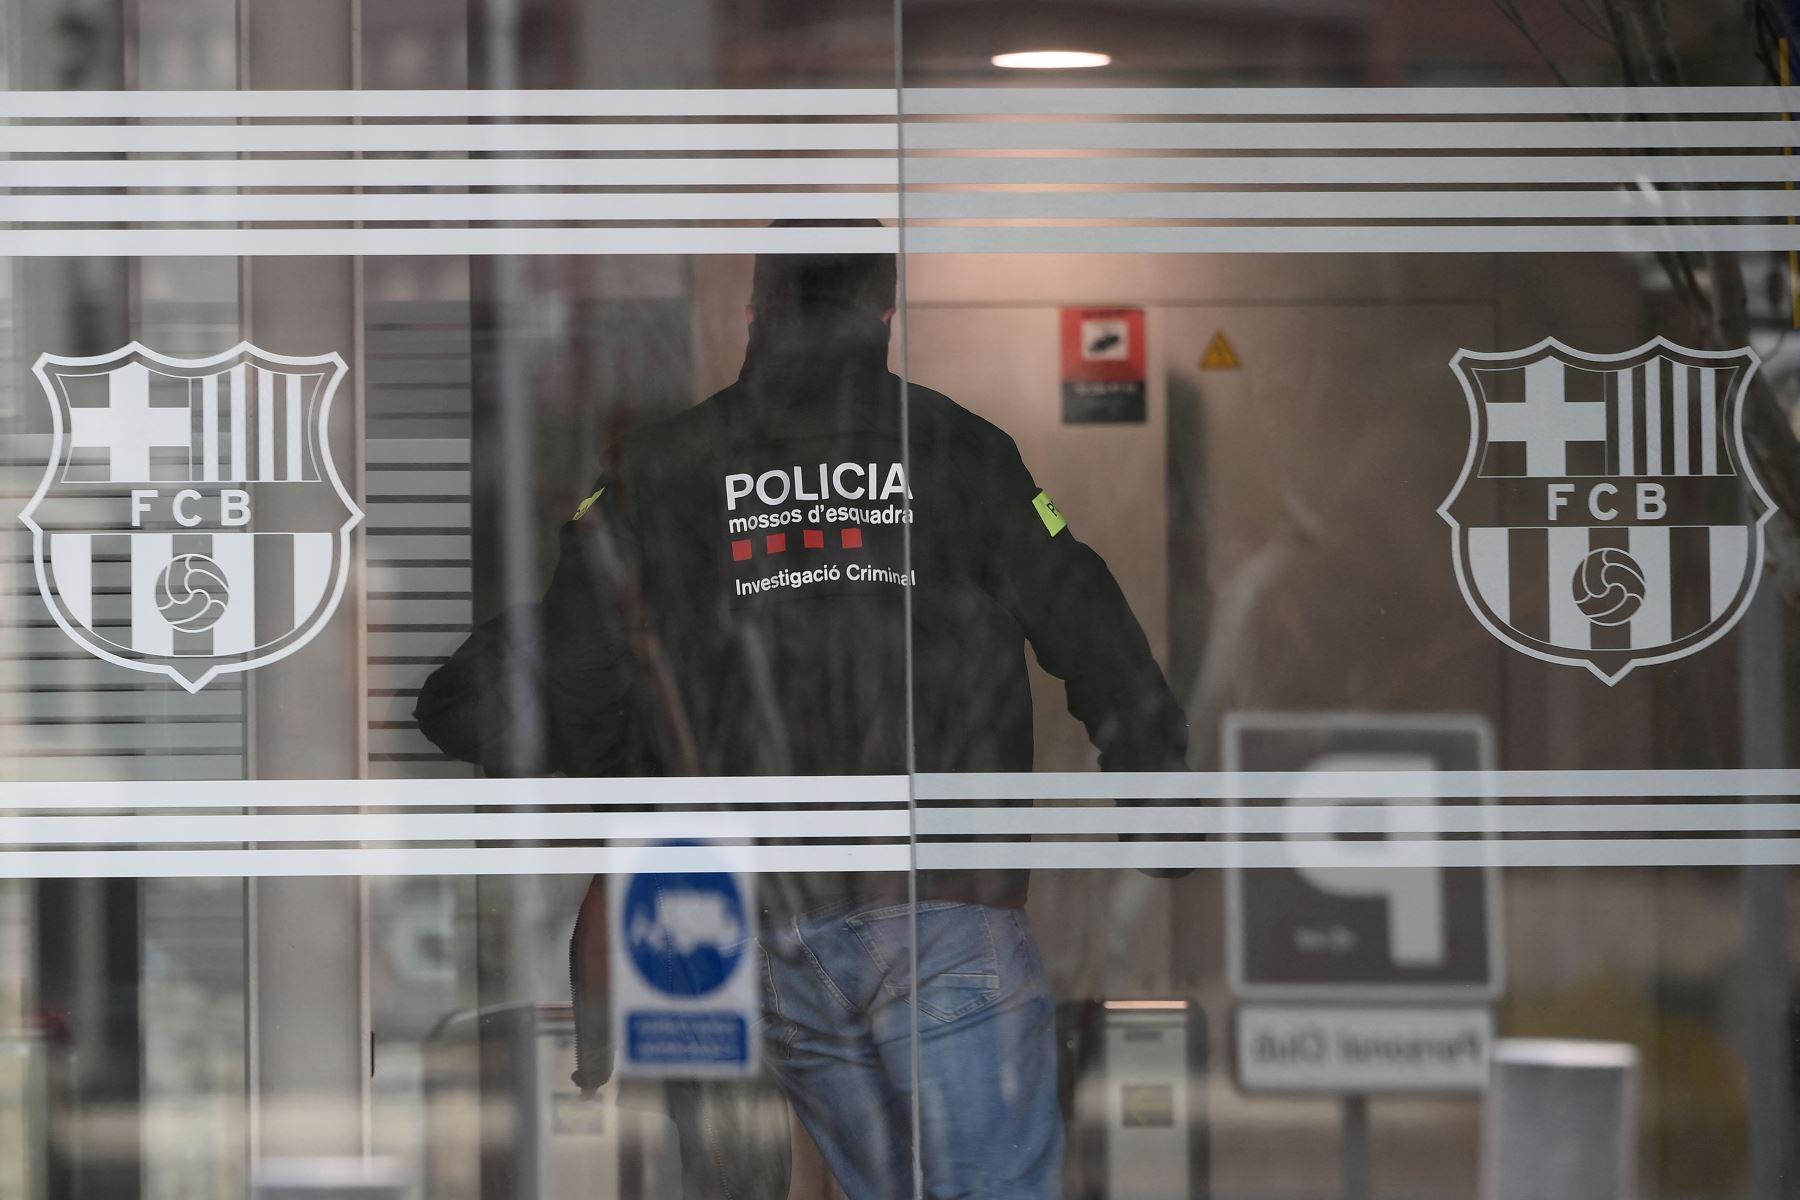 Un policía entra en las oficinas del Fútbol Club Barcelona el 01 de marzo de 2021 en Barcelona durante un operativo policial en el interior del edificio. Foto: AFP